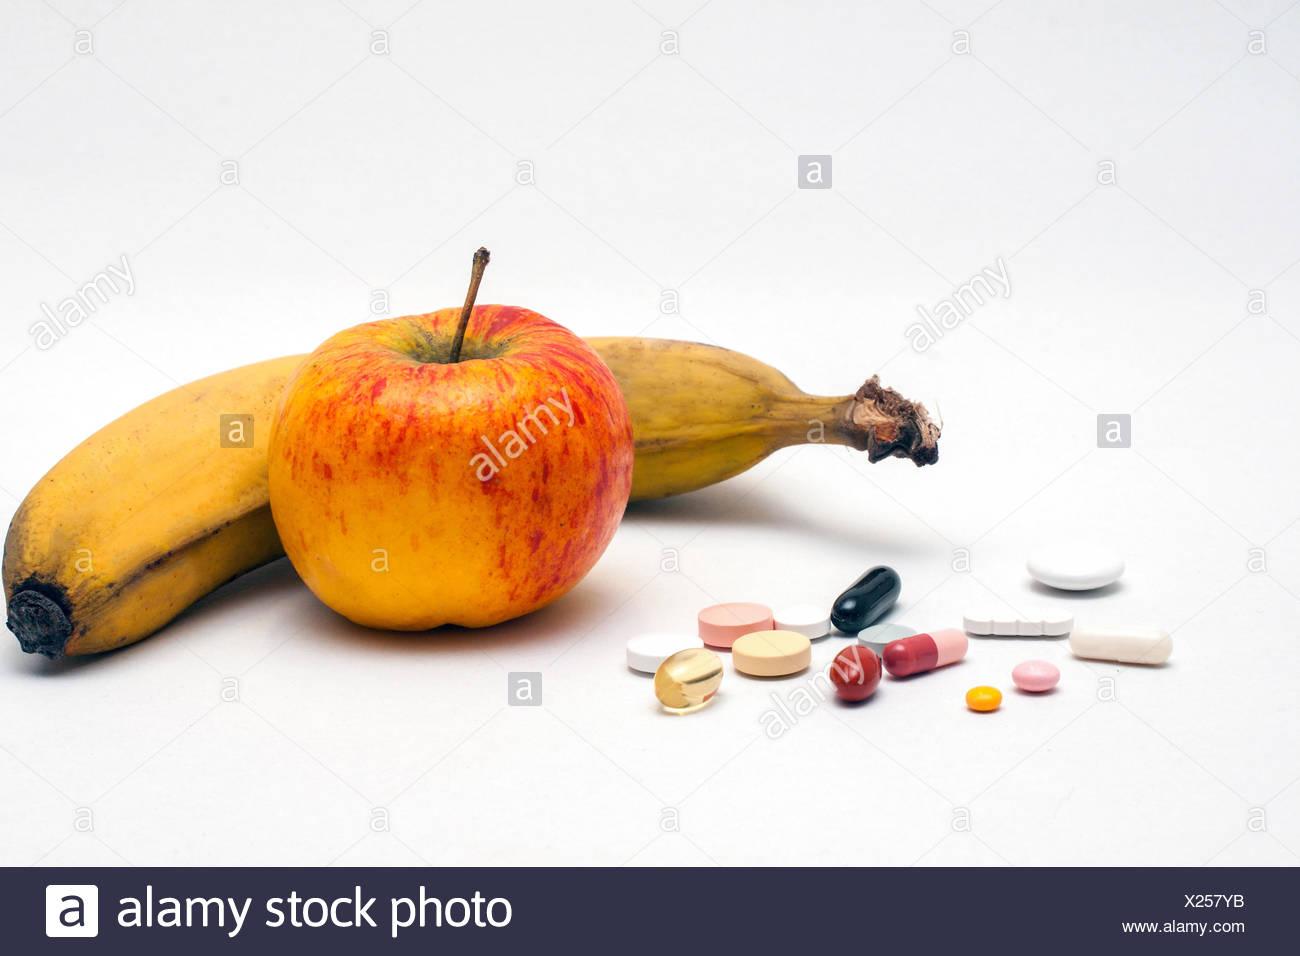 Bunte verschiedene Tabletten, Apfel und Banane, isoliert Foto de stock